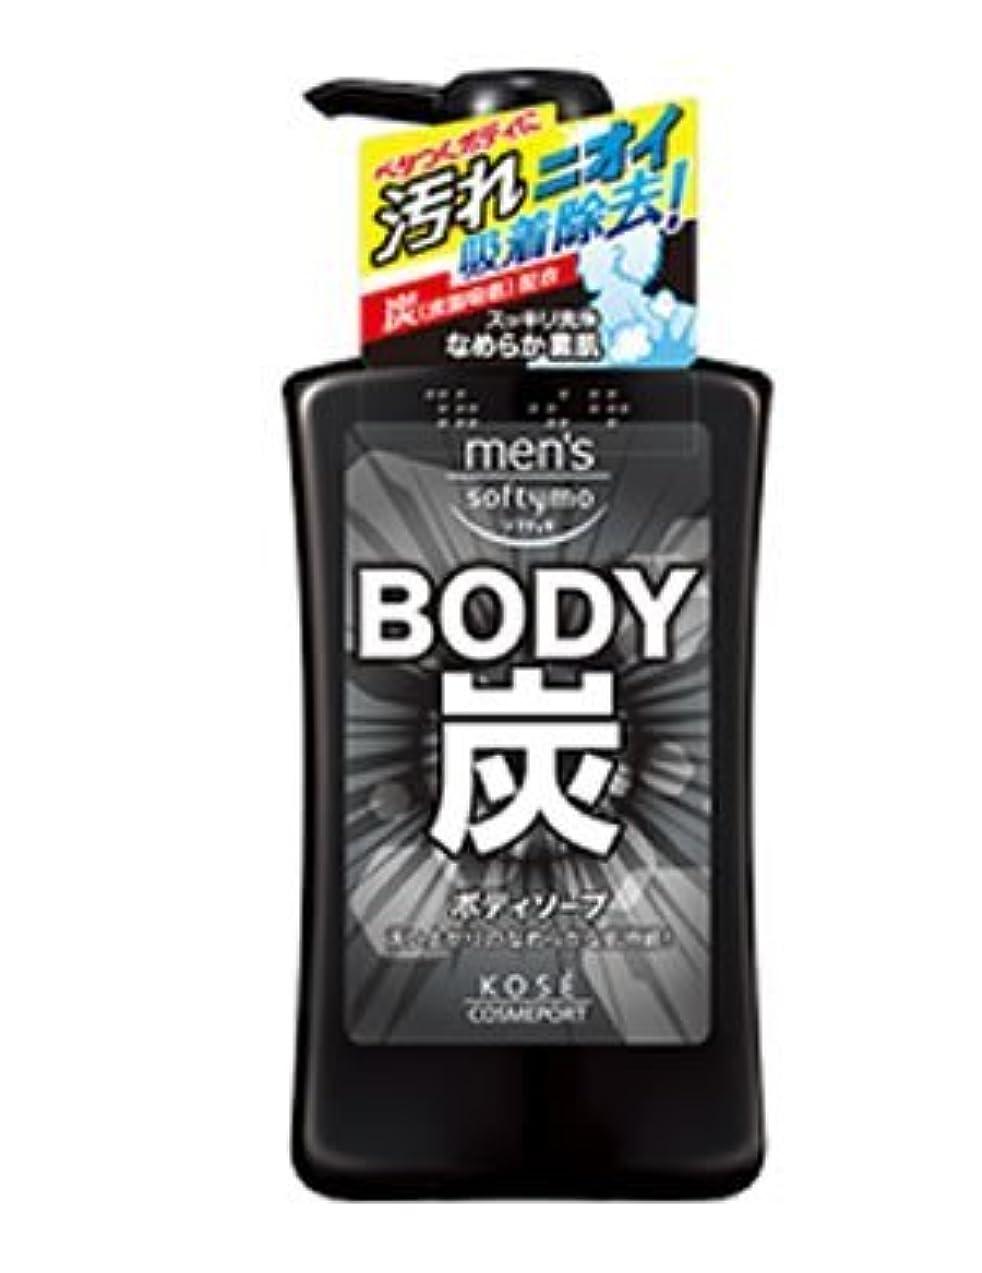 ペチュランススマイル注意コーセー(KOSE)メンズソフティモ ボディソープ(炭)シトラスミントの香り 550ml(お買い得3個セット)